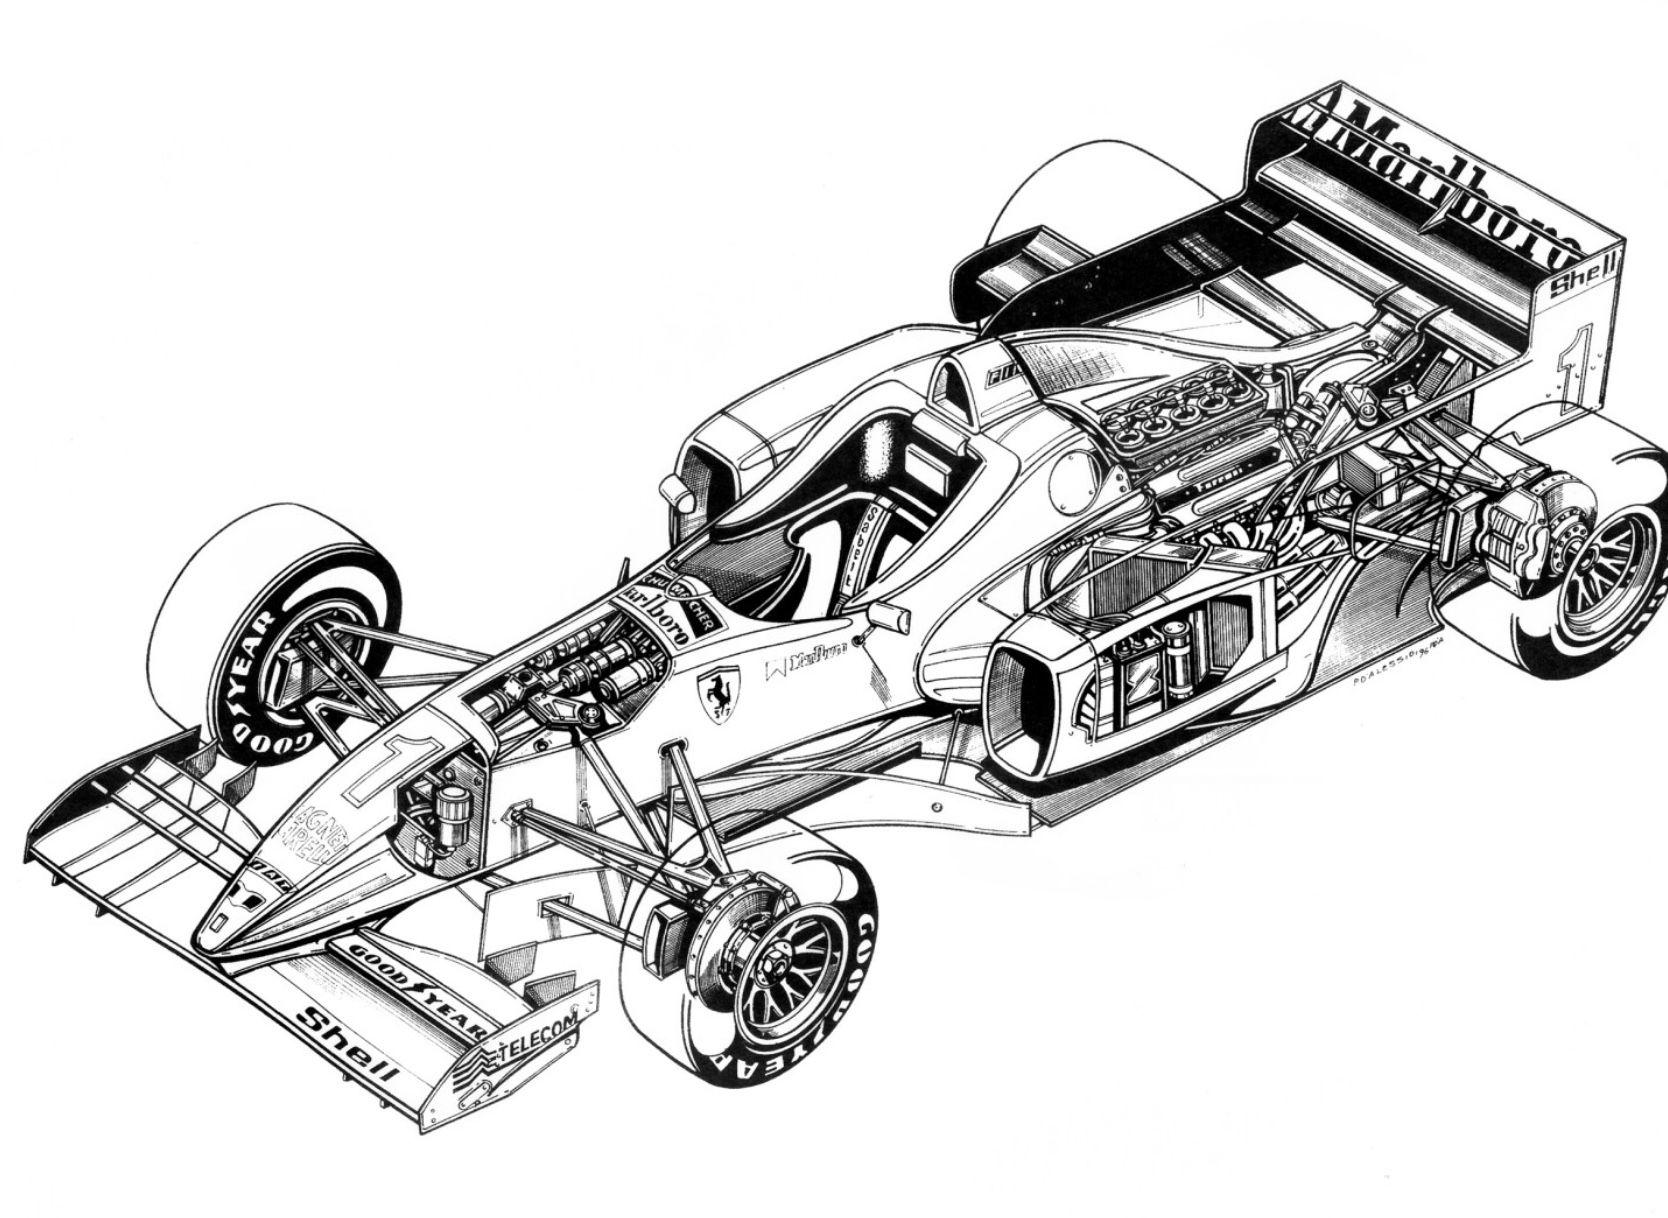 Pin By Gary On F310 In 2020 Ferrari Cutaway Goodyear Tires